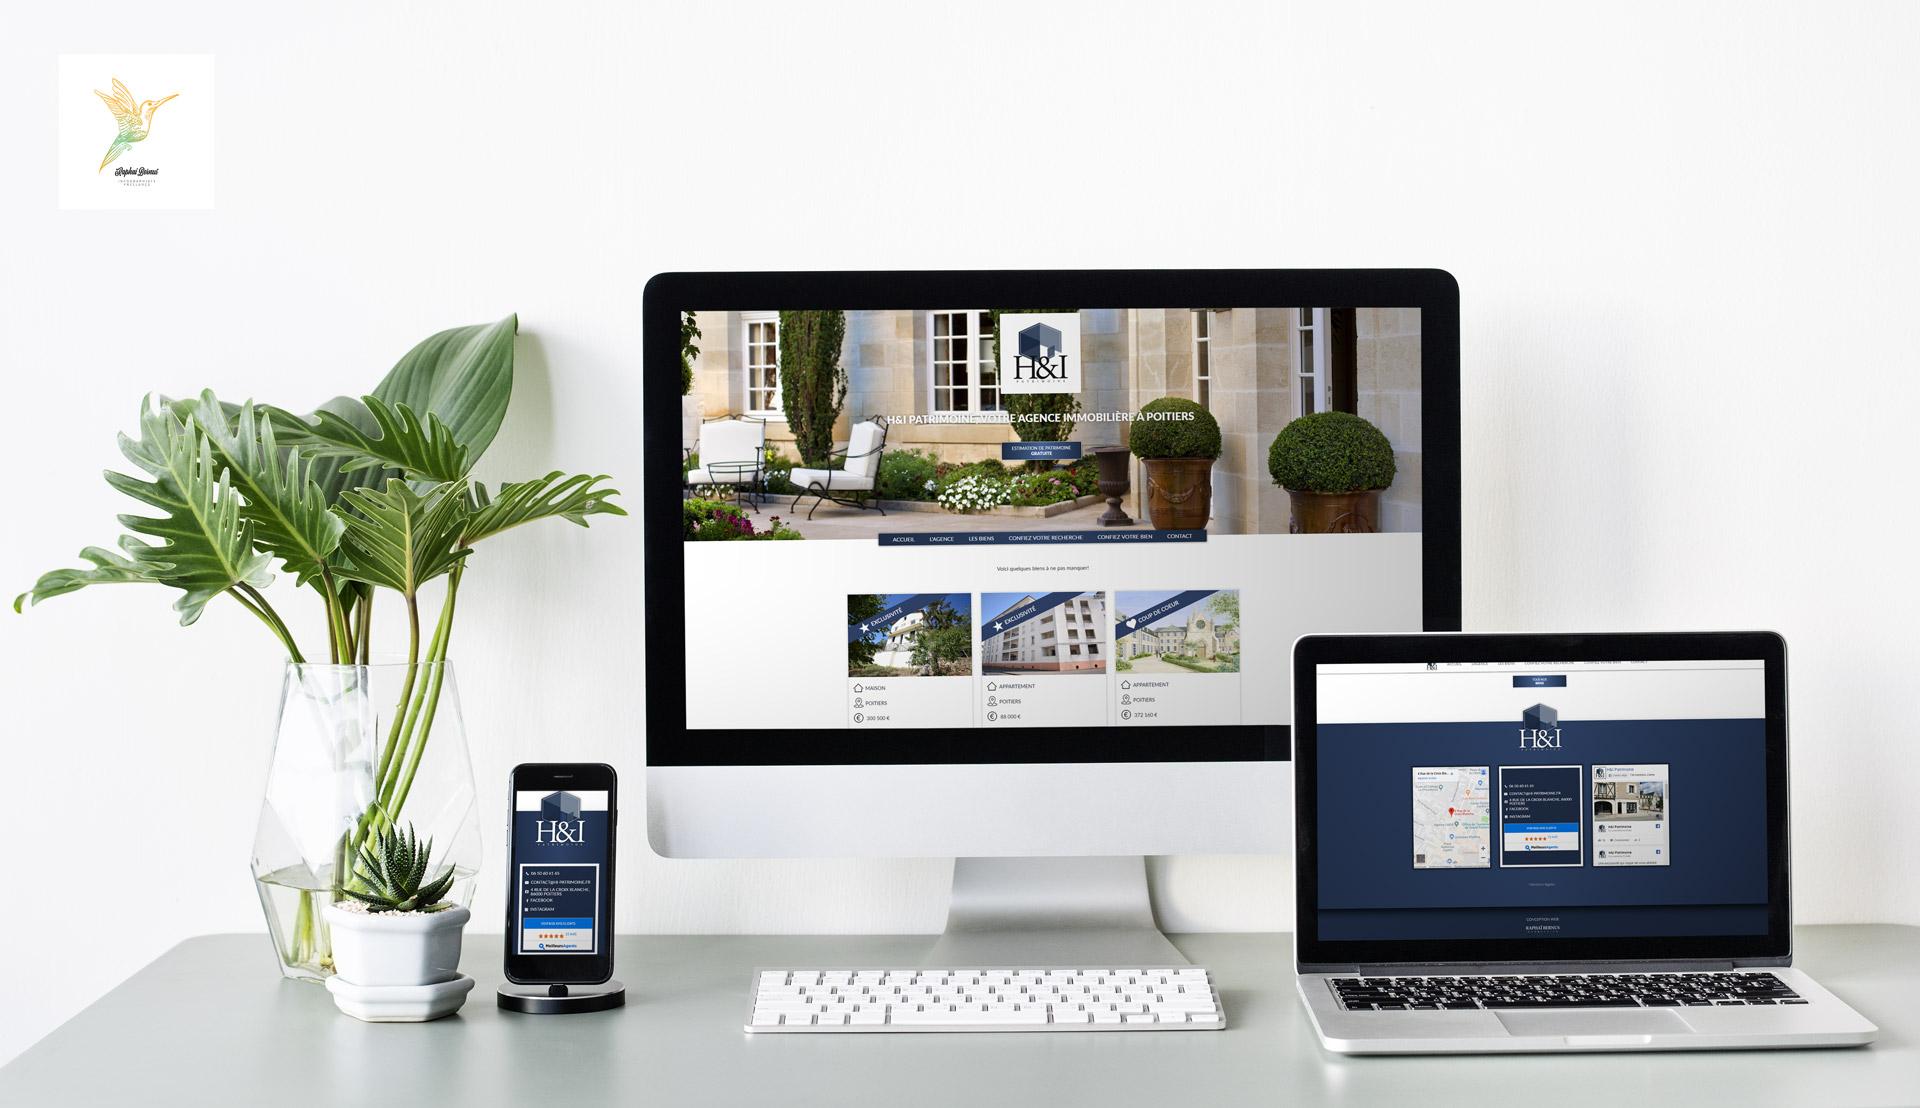 Création d'un site internet responsive pour l'agence immobiliere H&I patrimoine